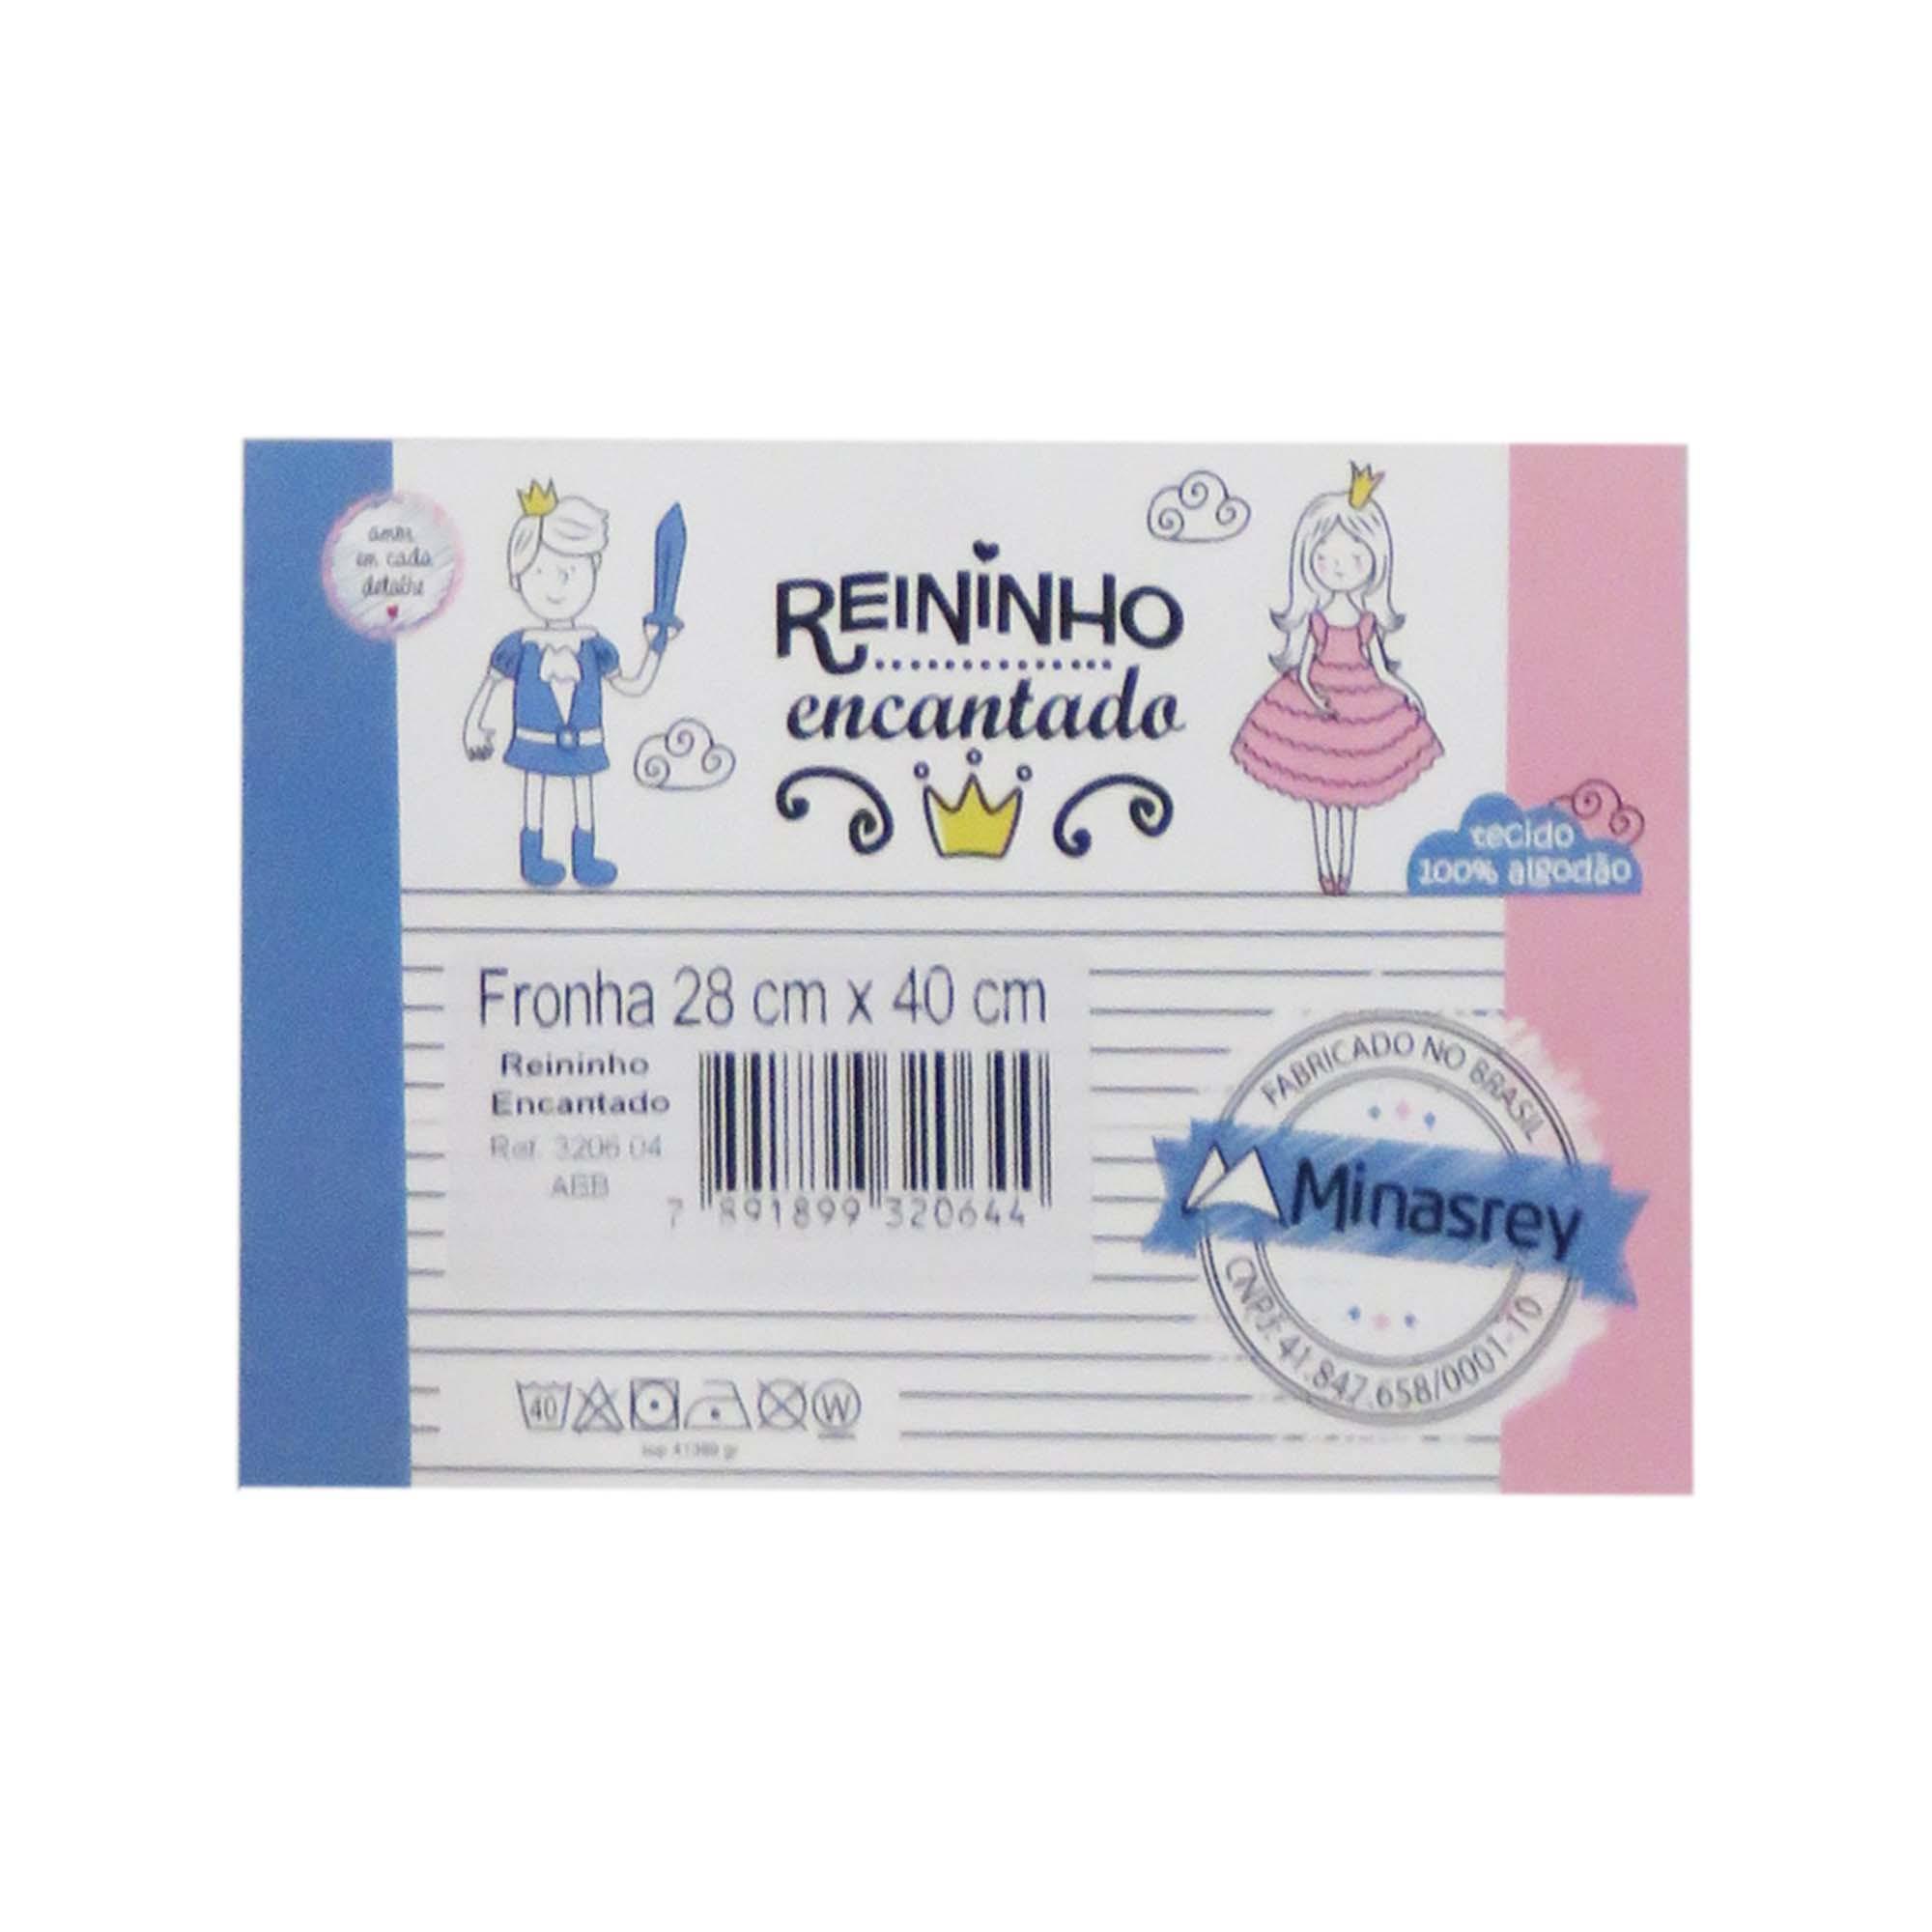 Fronha 28x40 - Minasrey - Reininho Encantado